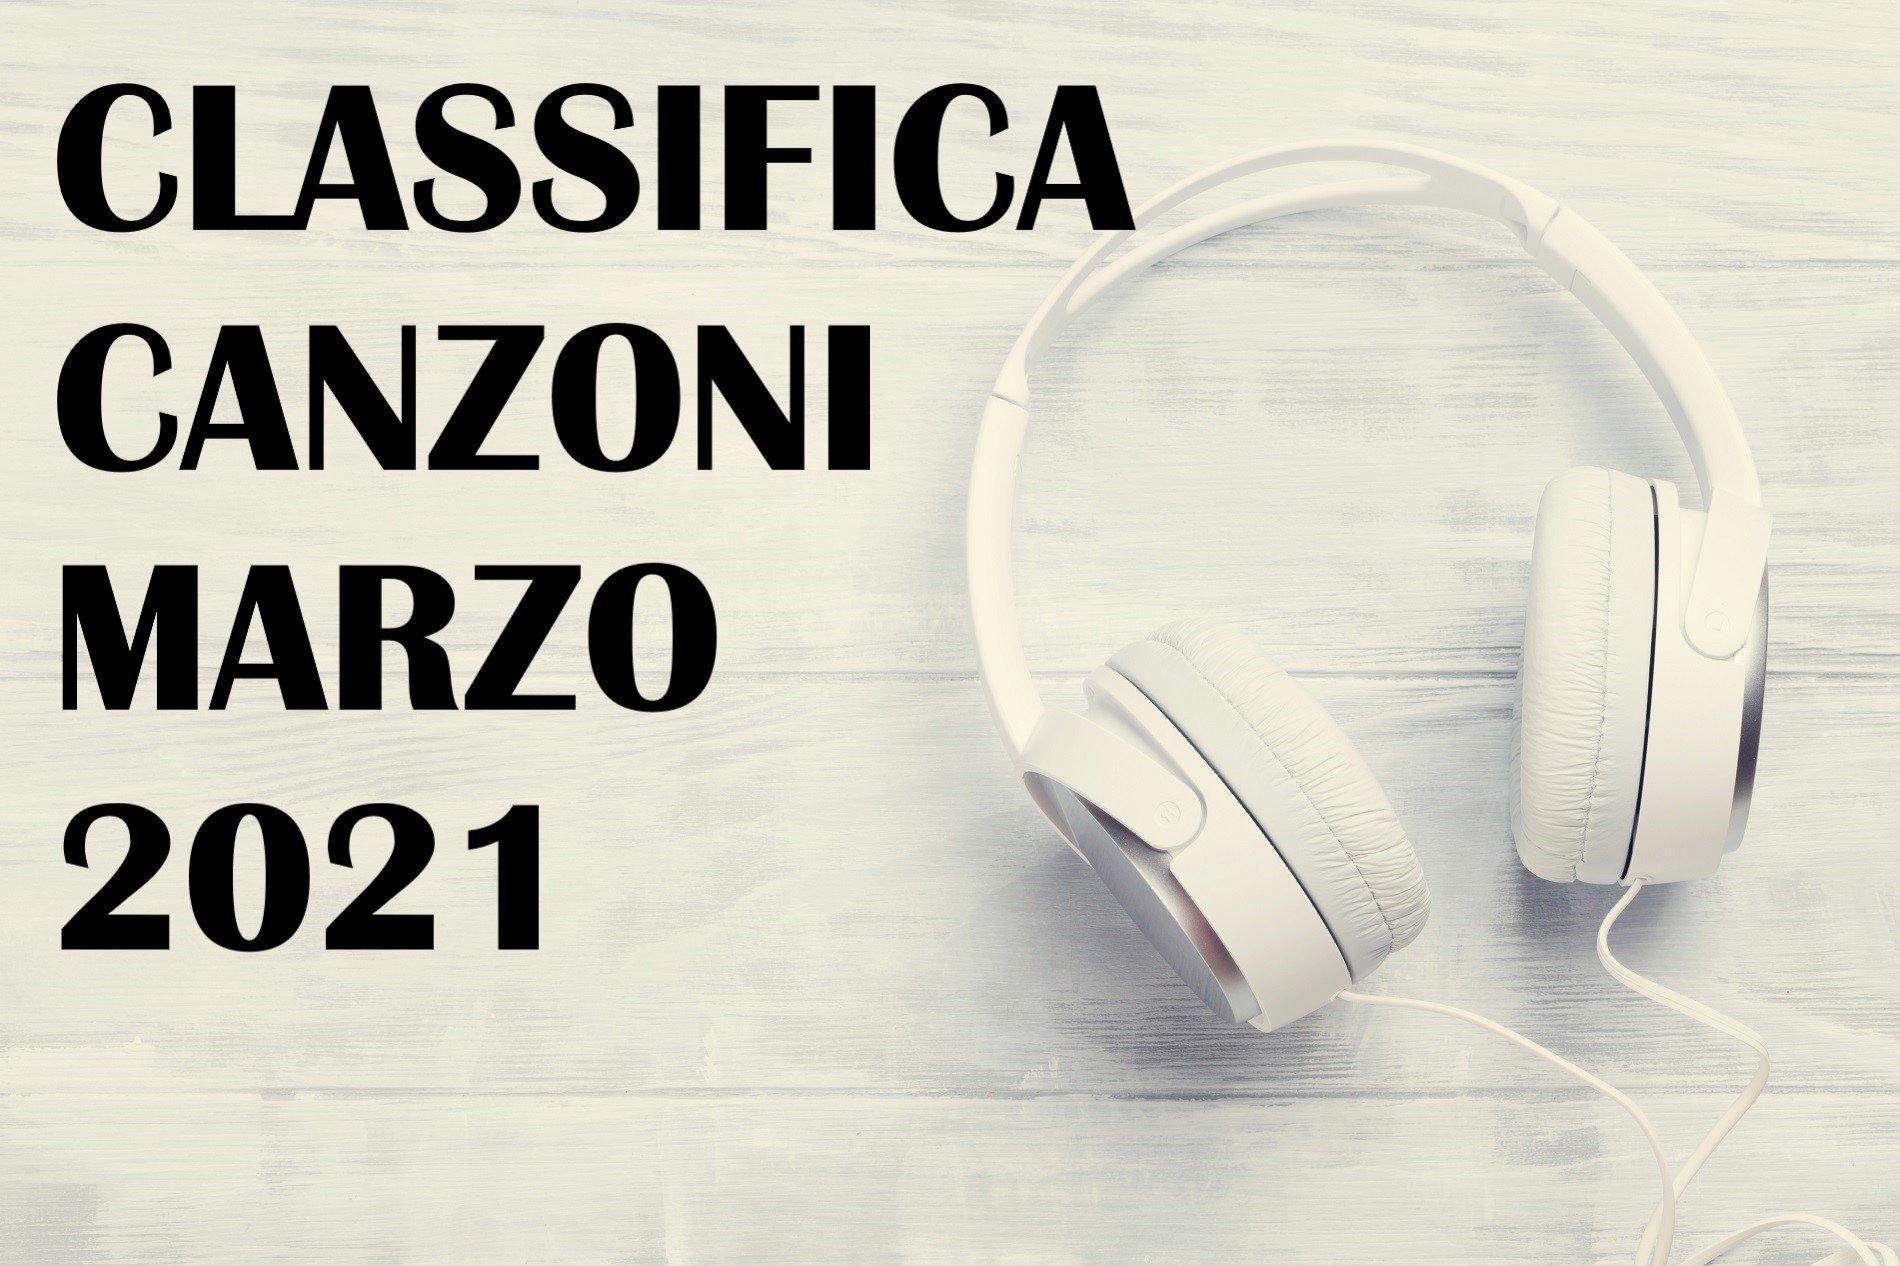 CLASSIFICA CANZONI MARZO 2021